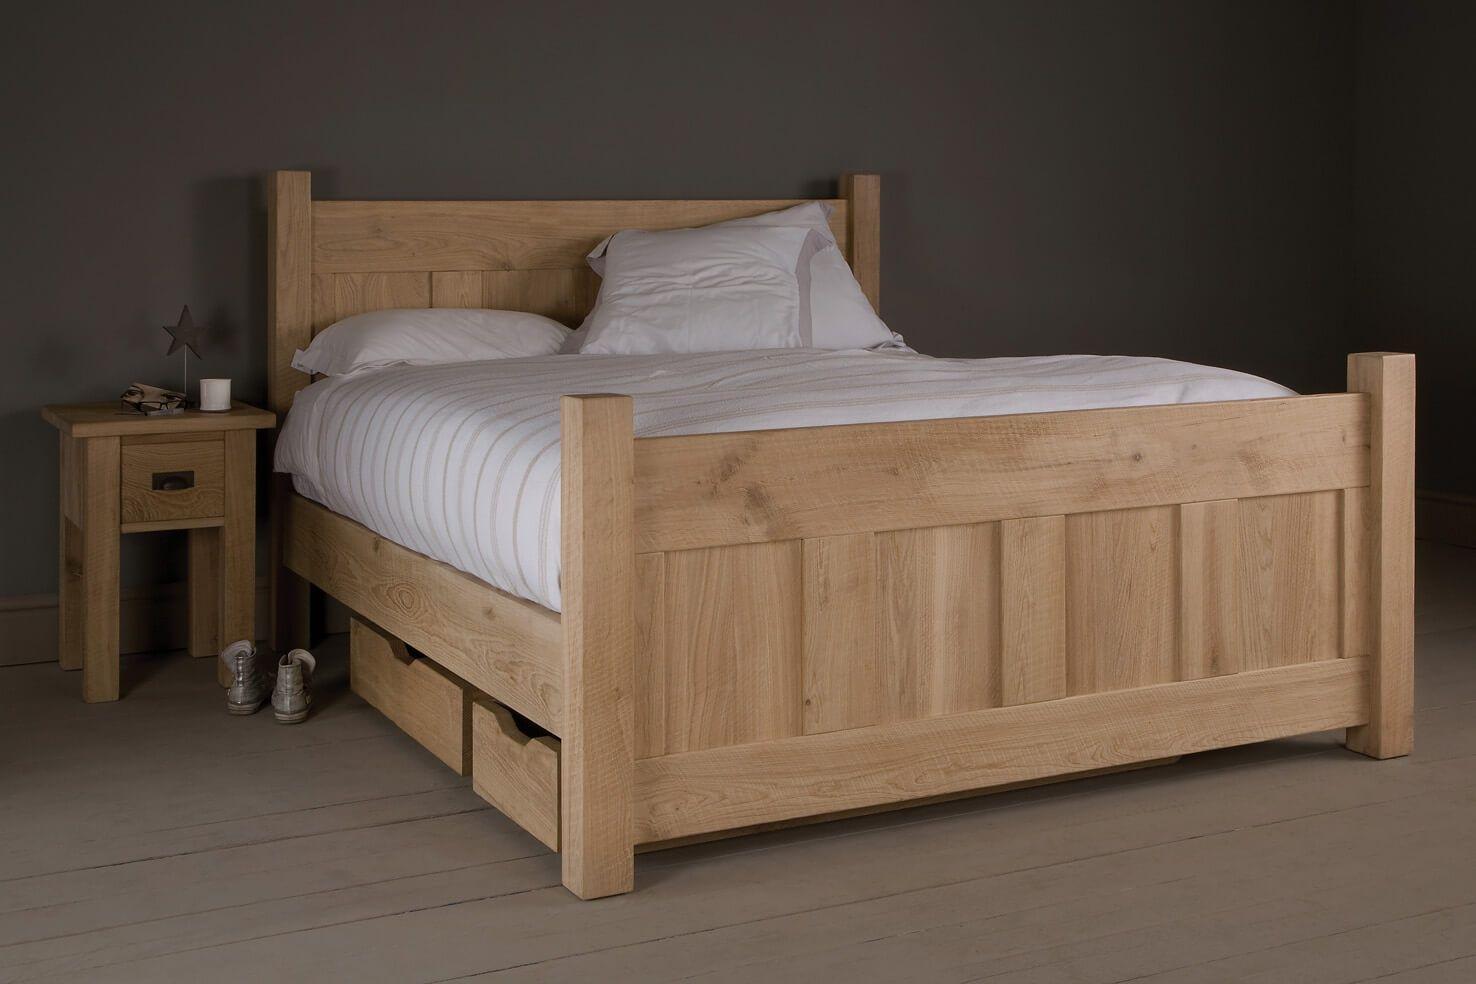 The Panel Oak Bed Giường, Ngăn kéo